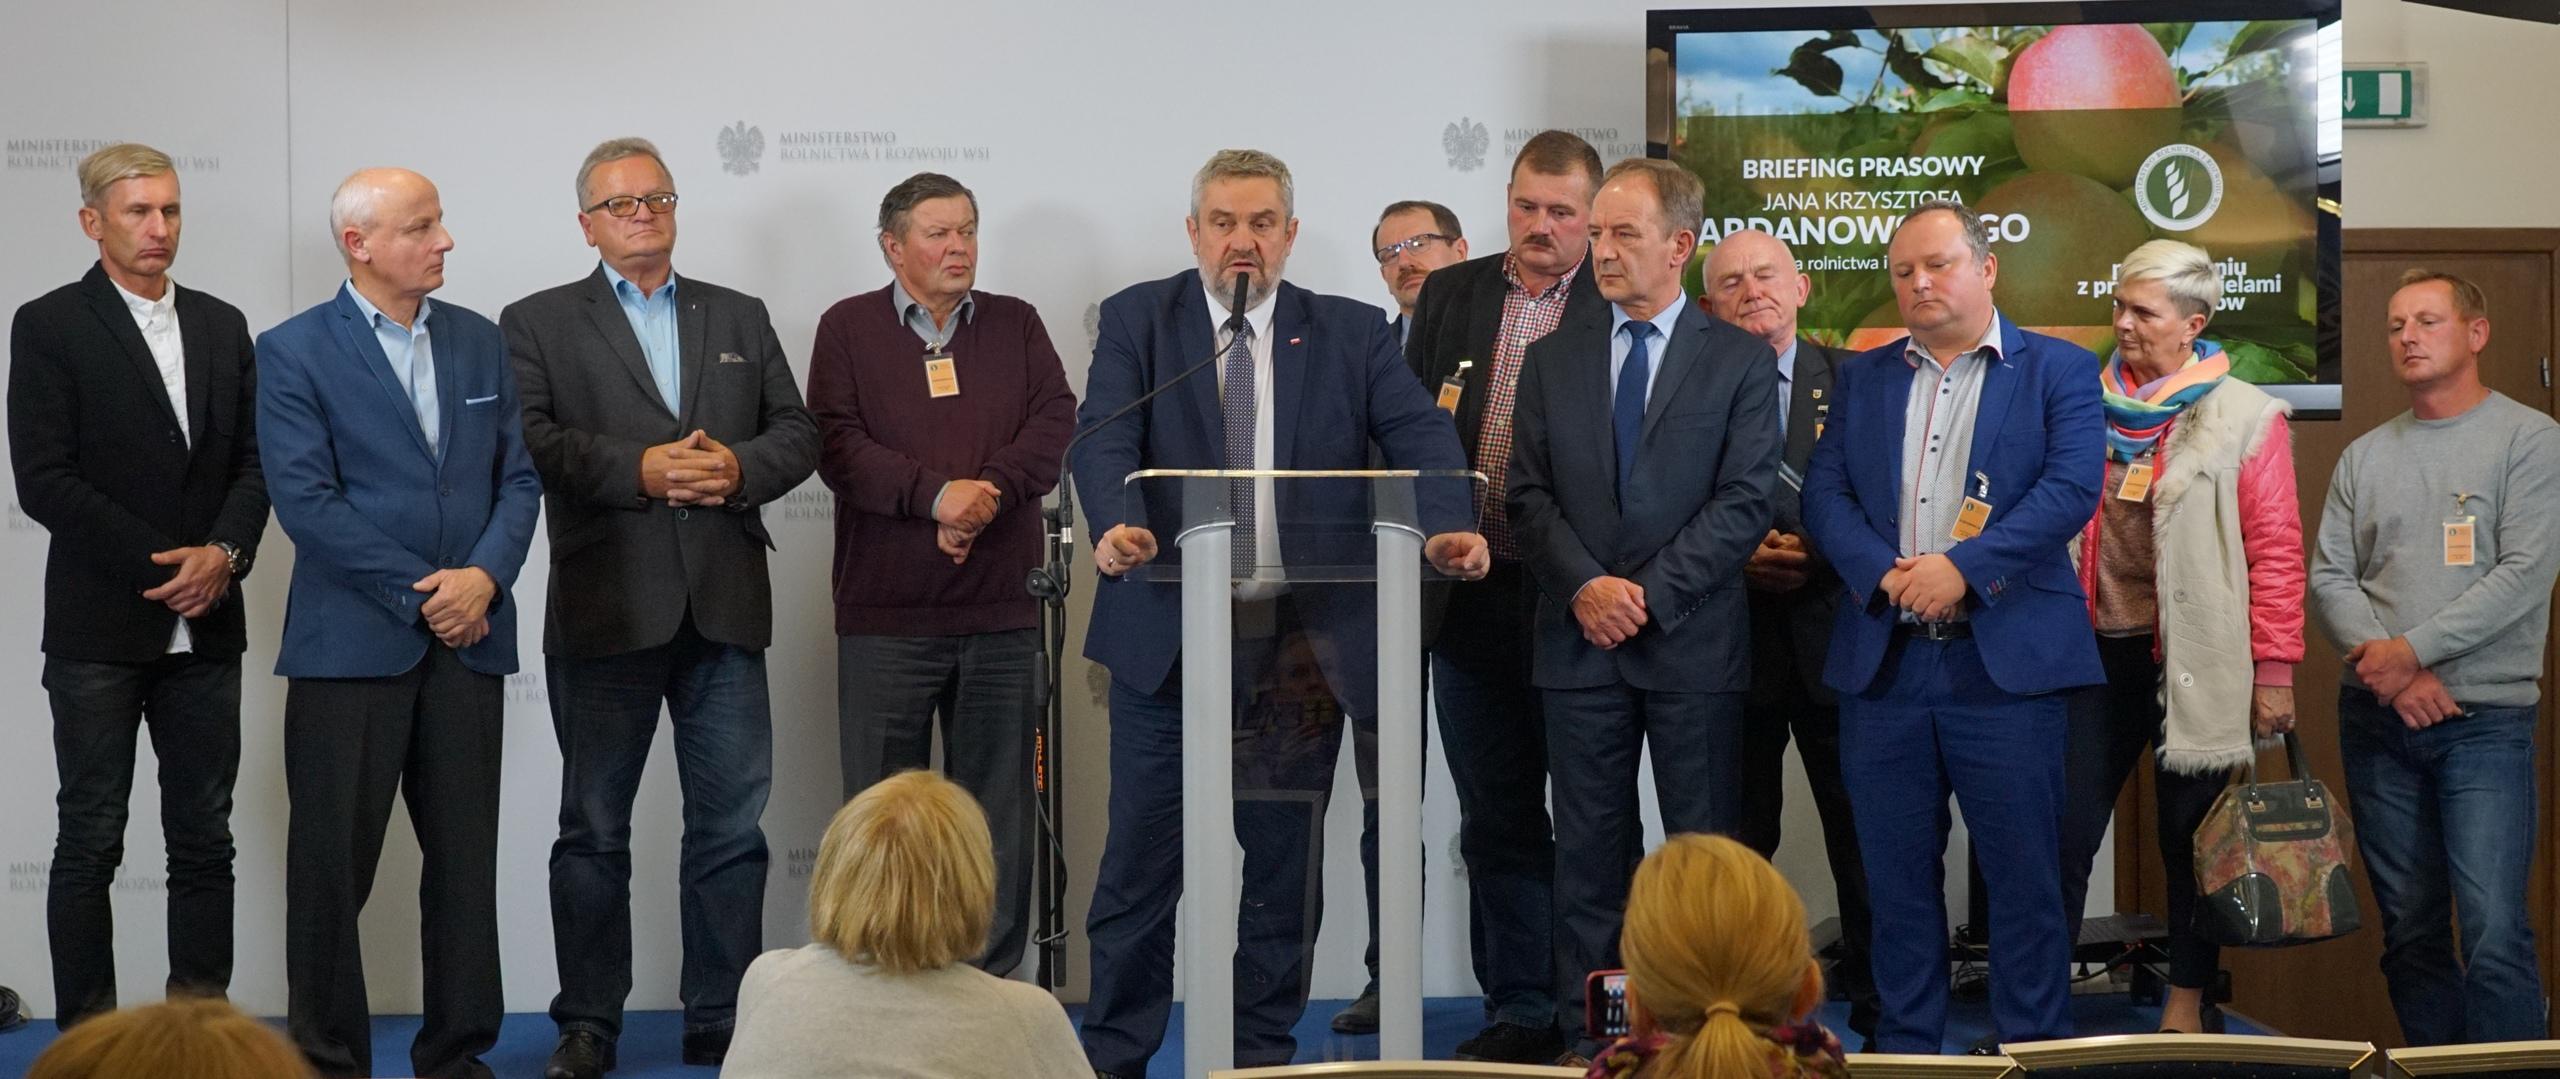 Minister Jan Krzysztof Ardanowski oraz przedstawiciele sadowników podczas briefingu prasowego